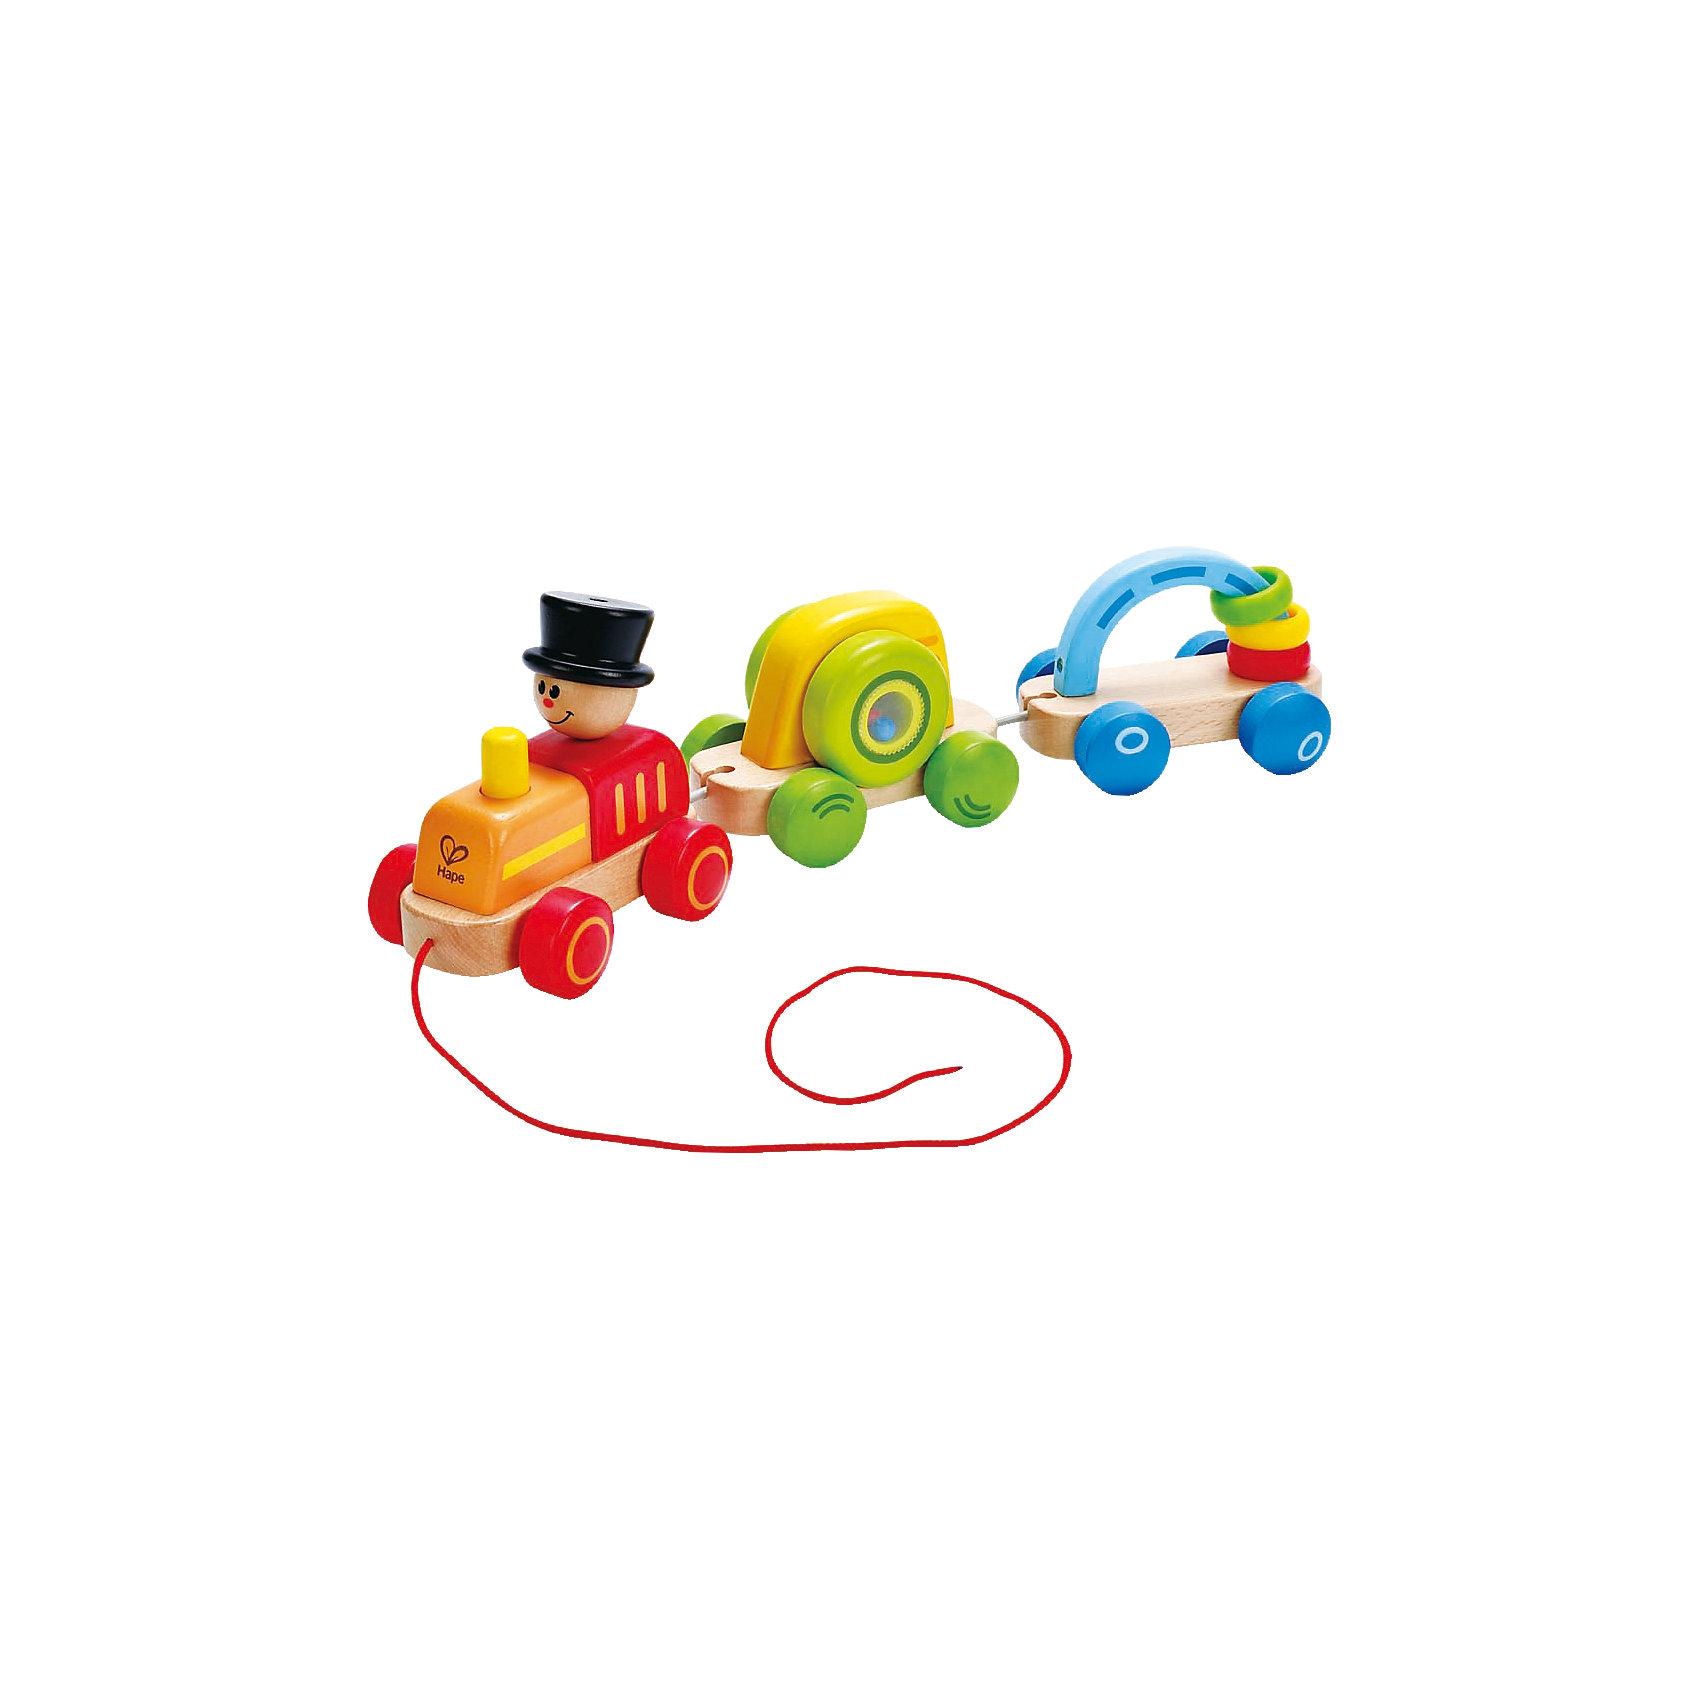 Каталка Паровозик, HapeИгрушки для малышей<br>Каталка Паровозик, Hape (Хейп).<br><br>Характеристики:<br><br>- Материал: древесина, краска на водной основе, PC, PE<br>- Размер: 8,8х8,8х16 см.<br><br>Игровой набор состоит из паровозика и 2-х вагонов, которые можно отсоединять друг от друга и играть отдельно. У паровозика длинная веревка, с помощью которой малышу удобно катать игрушку. Внутри первого вагона находятся разноцветные шарики, они весело гремят при движении. У второго вагона есть арка, на которую нанизаны разноцветные колечки, их можно перекидывать с одной стороны арки на другую. Яркие цвета и подвижные элементы привлекают внимание малыша, побуждают к изучению и движению, также игрушка способствует развитию моторики, координации.<br><br>Каталку Паровозик, Hape (Хейп) можно купить в нашем интернет-магазине.<br><br>Ширина мм: 421<br>Глубина мм: 187<br>Высота мм: 96<br>Вес г: 858<br>Возраст от месяцев: 12<br>Возраст до месяцев: 24<br>Пол: Унисекс<br>Возраст: Детский<br>SKU: 4141516